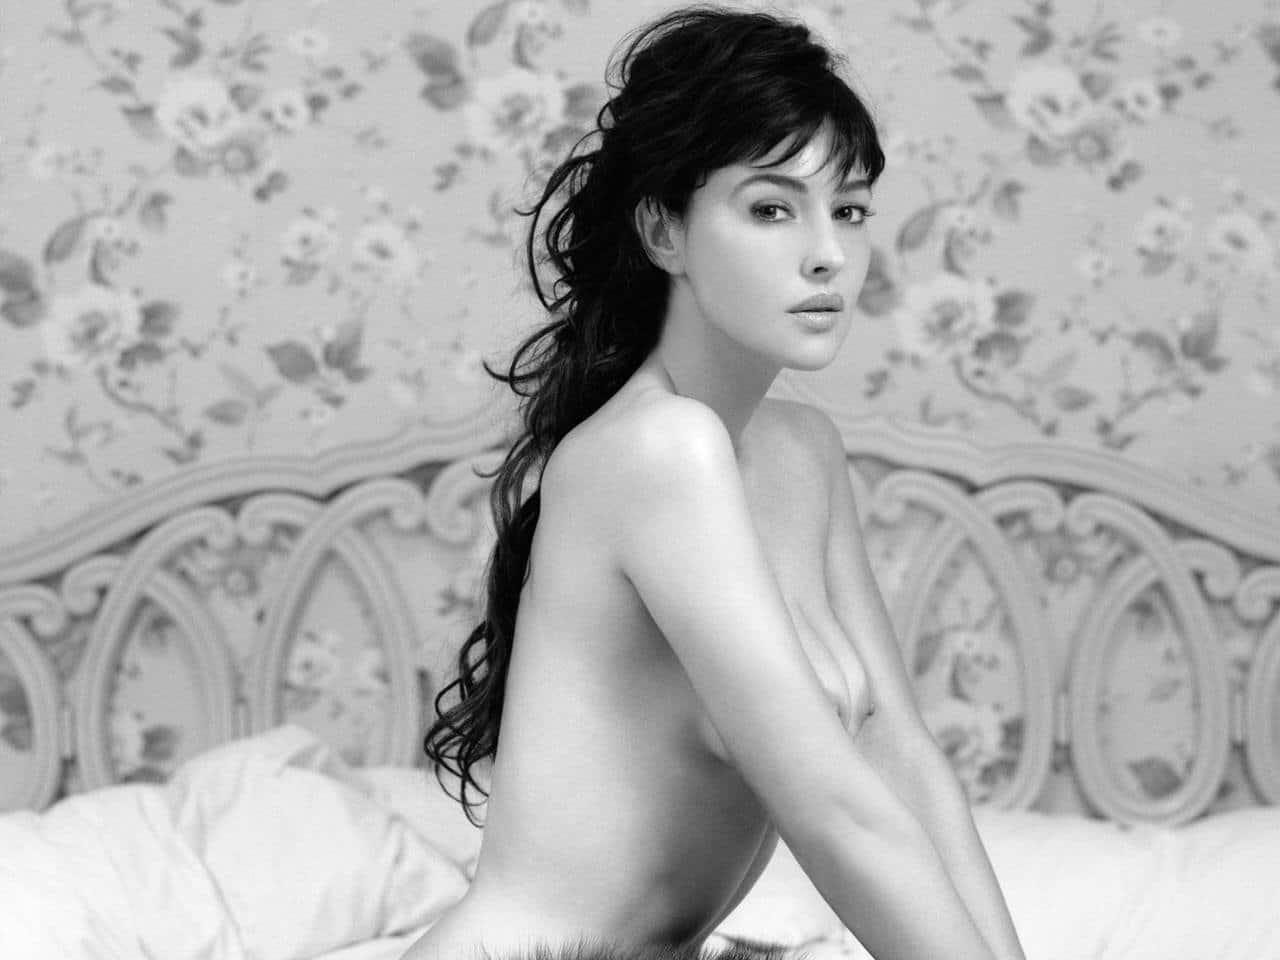 Monica Bellucci - La femme balance par excellence